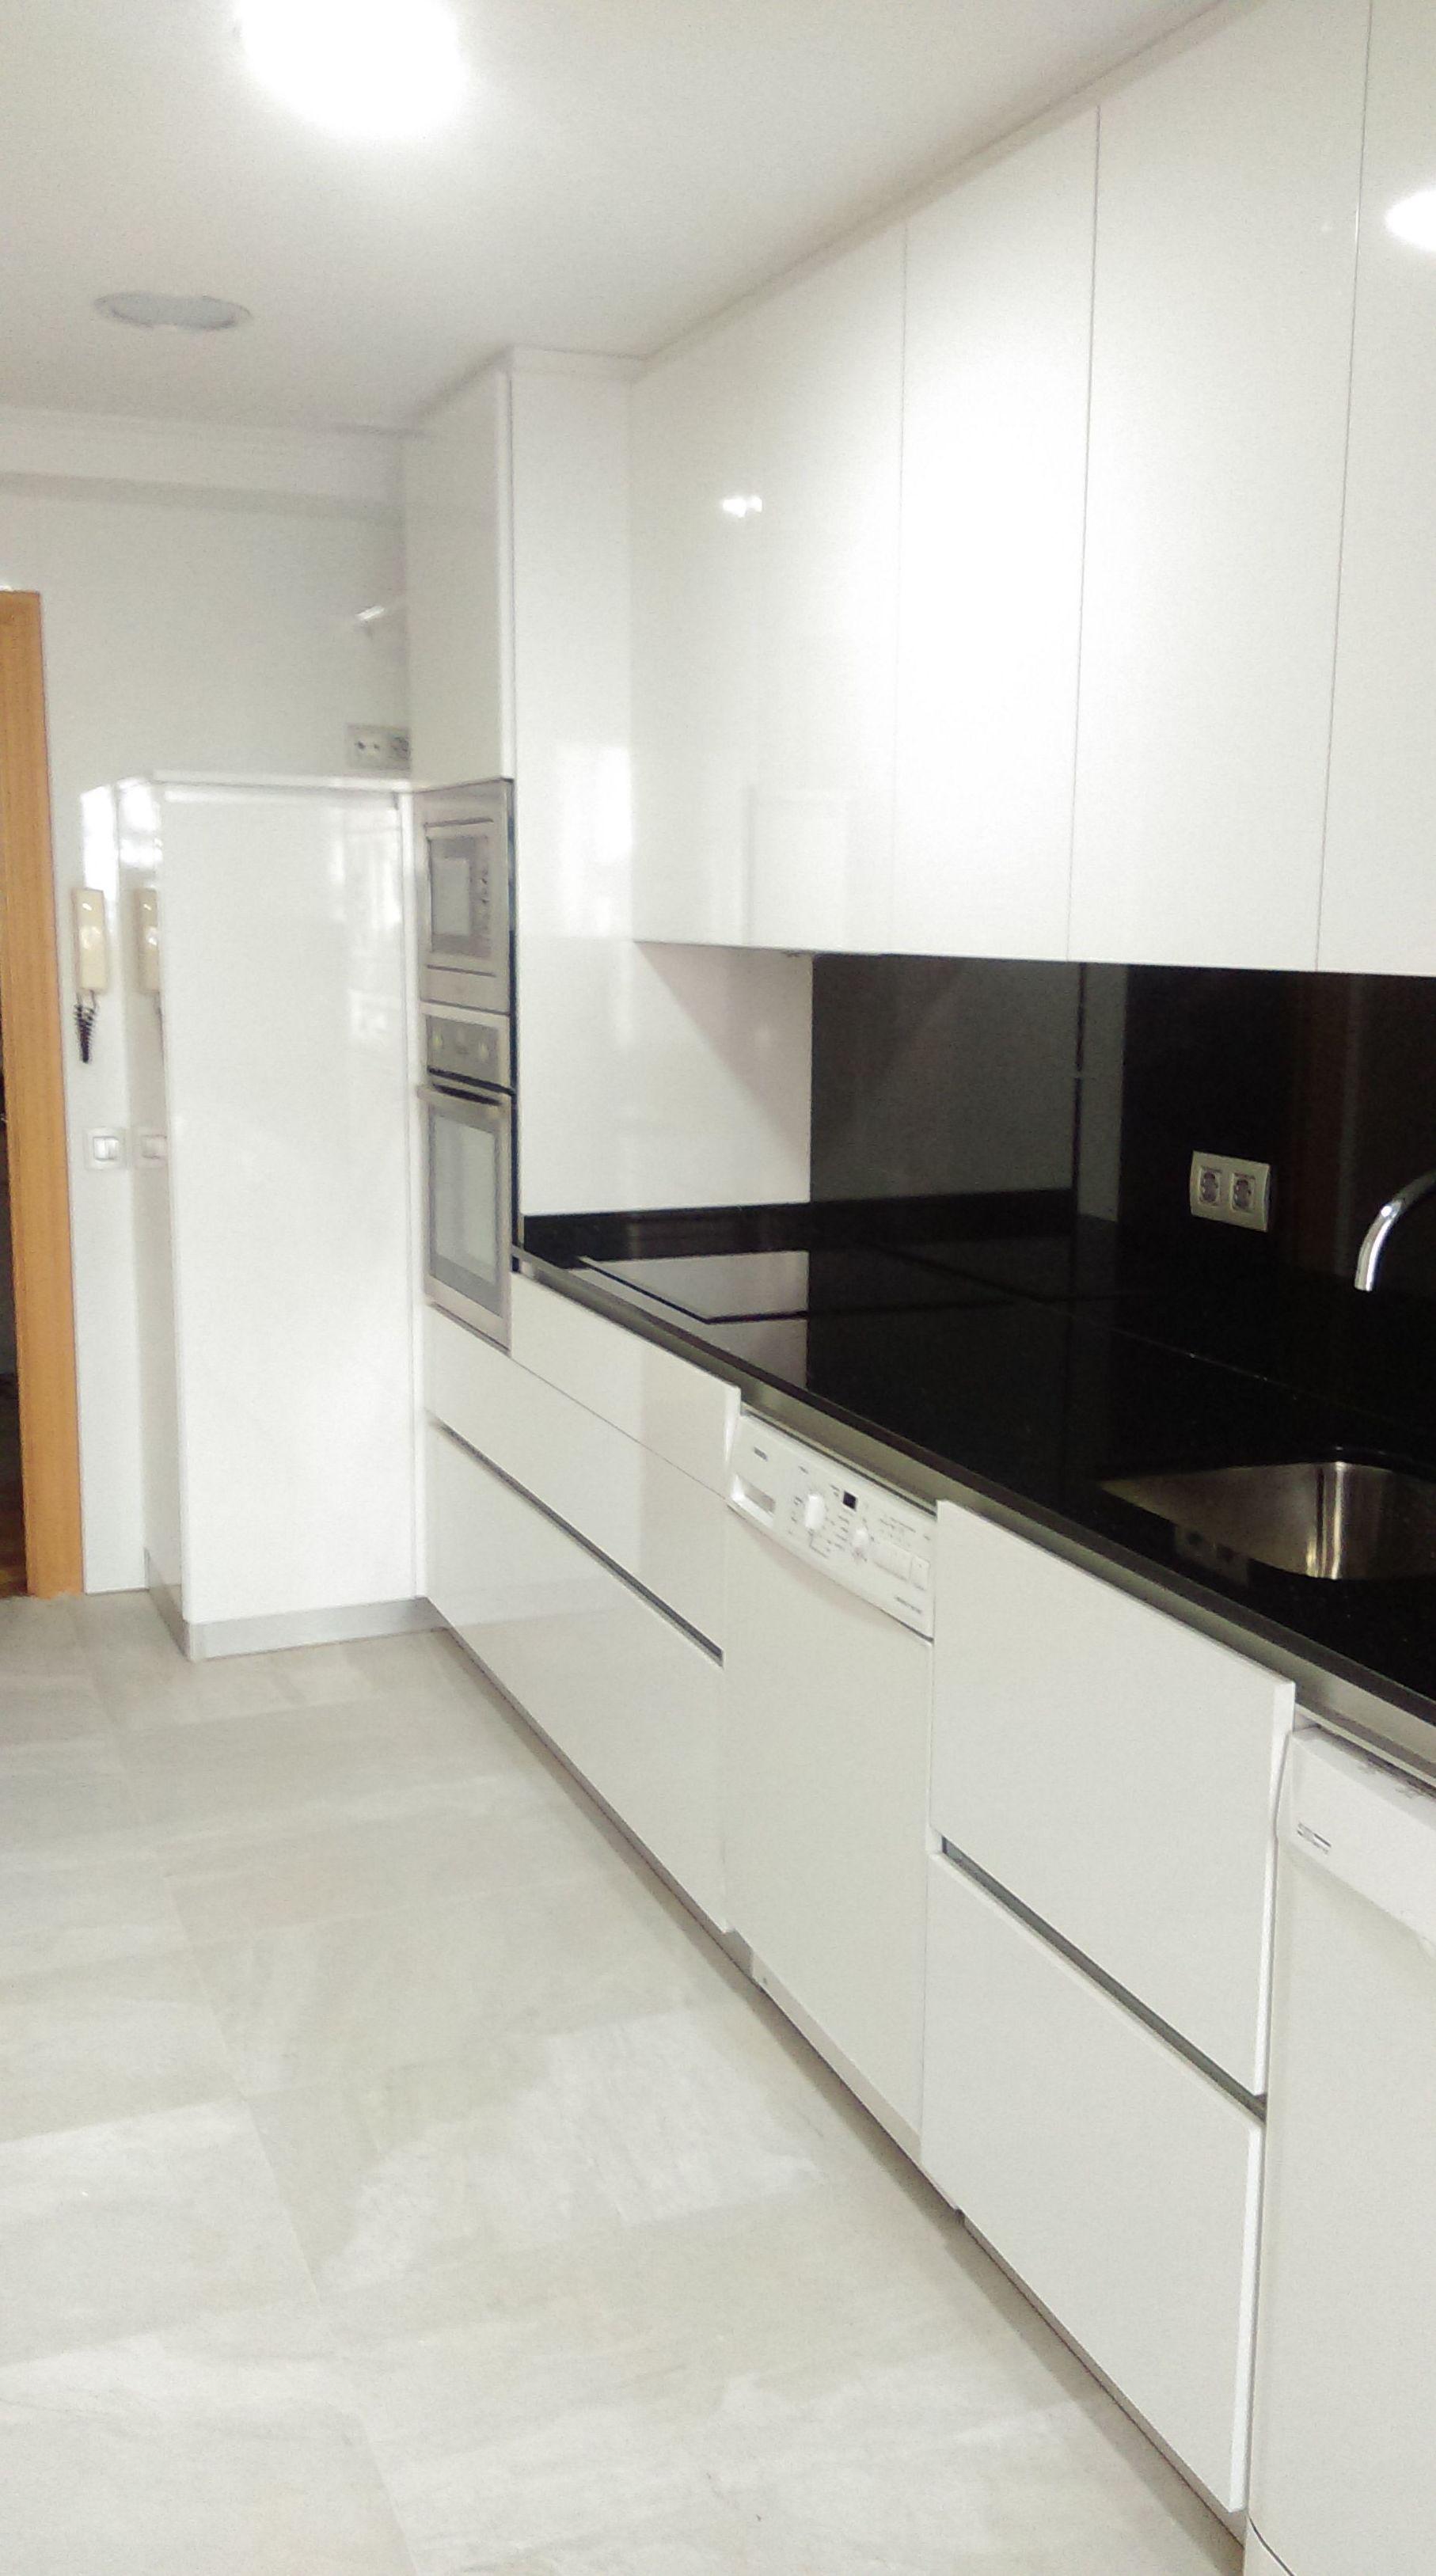 Foto 53 de Muebles de baño y cocina en Logroño | Electrodomésticos Waldy